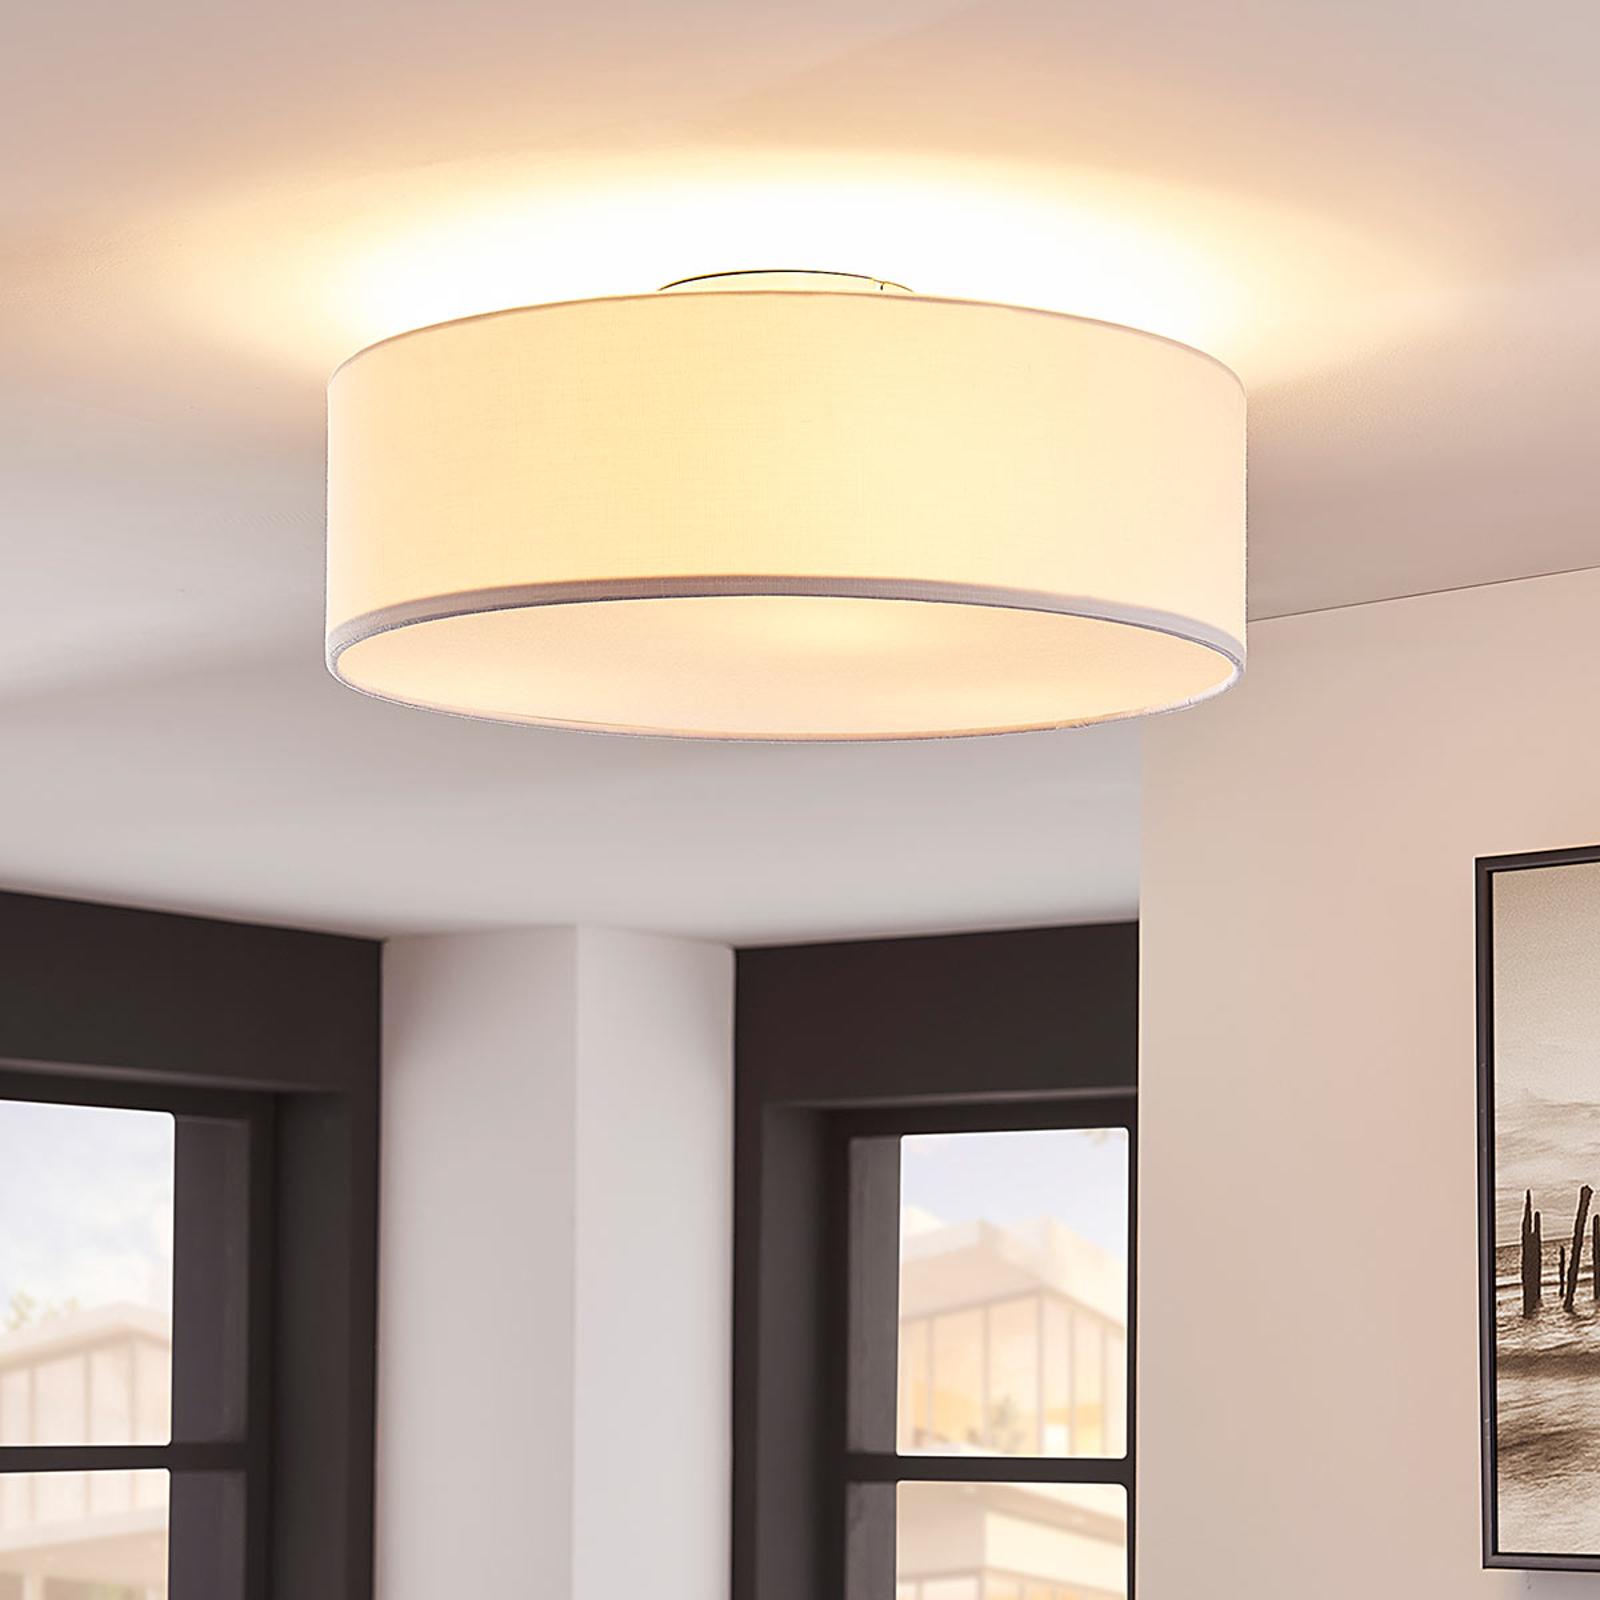 Sebatin - hvit taklampe av stoff